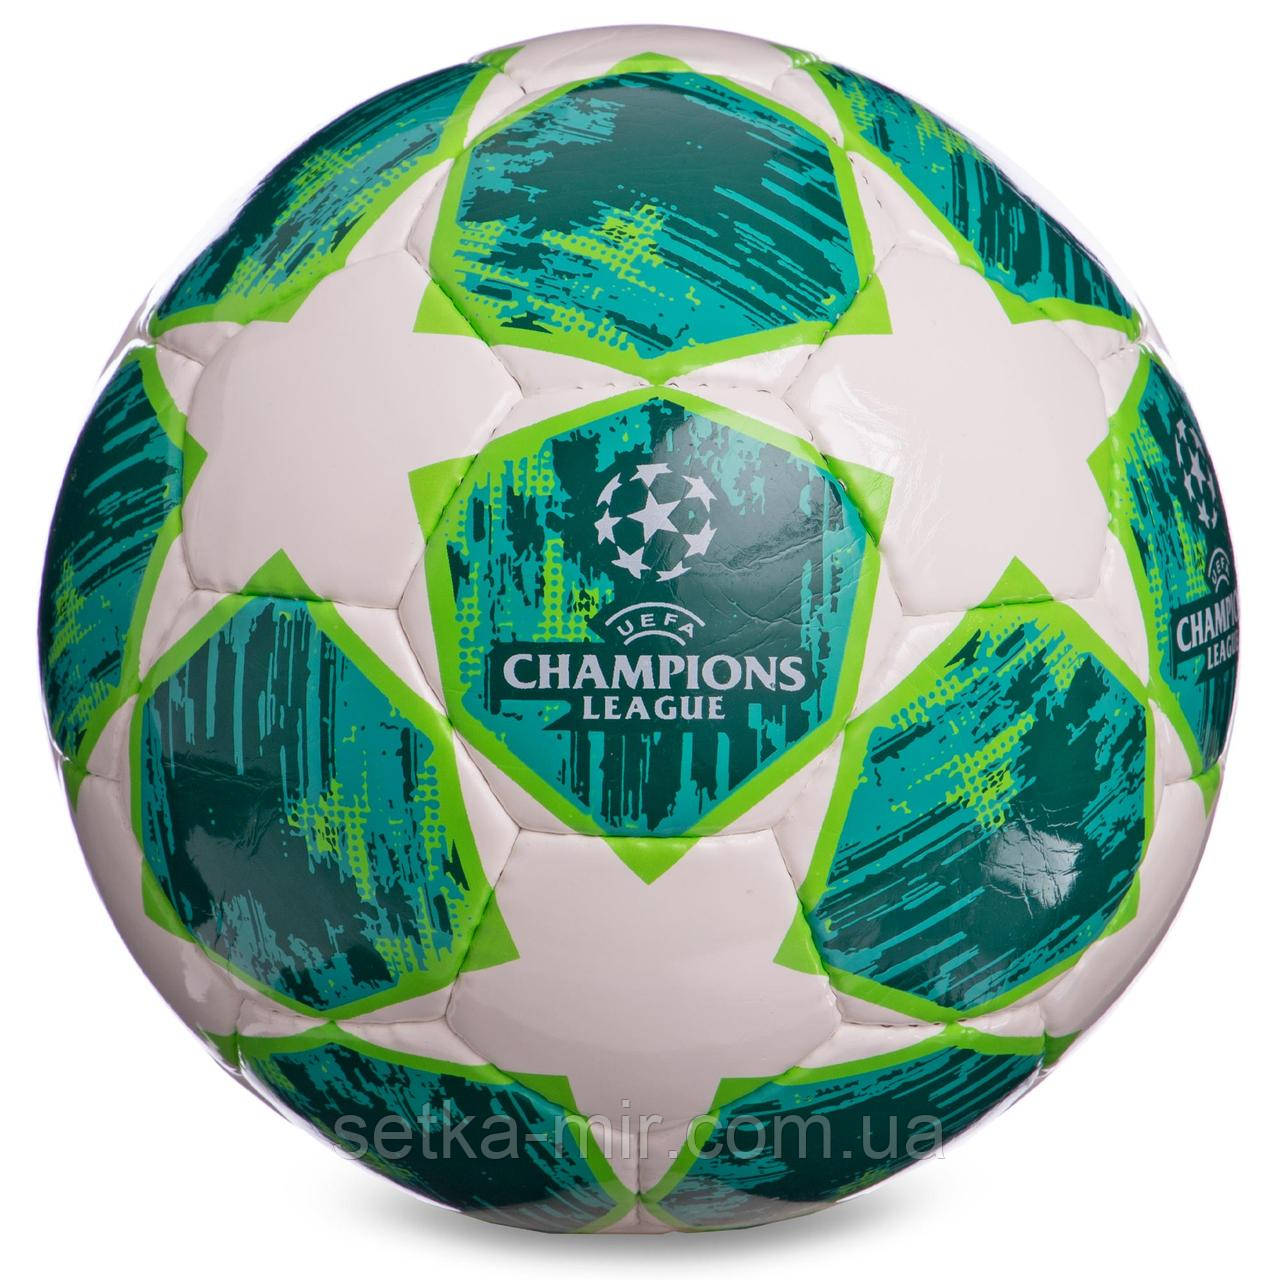 Мяч футбольный №5 PU ламин. CHAMPIONS LEAGUE FB-0151-1 (№5, 5 сл., сшит вручную, белый-зеленый)